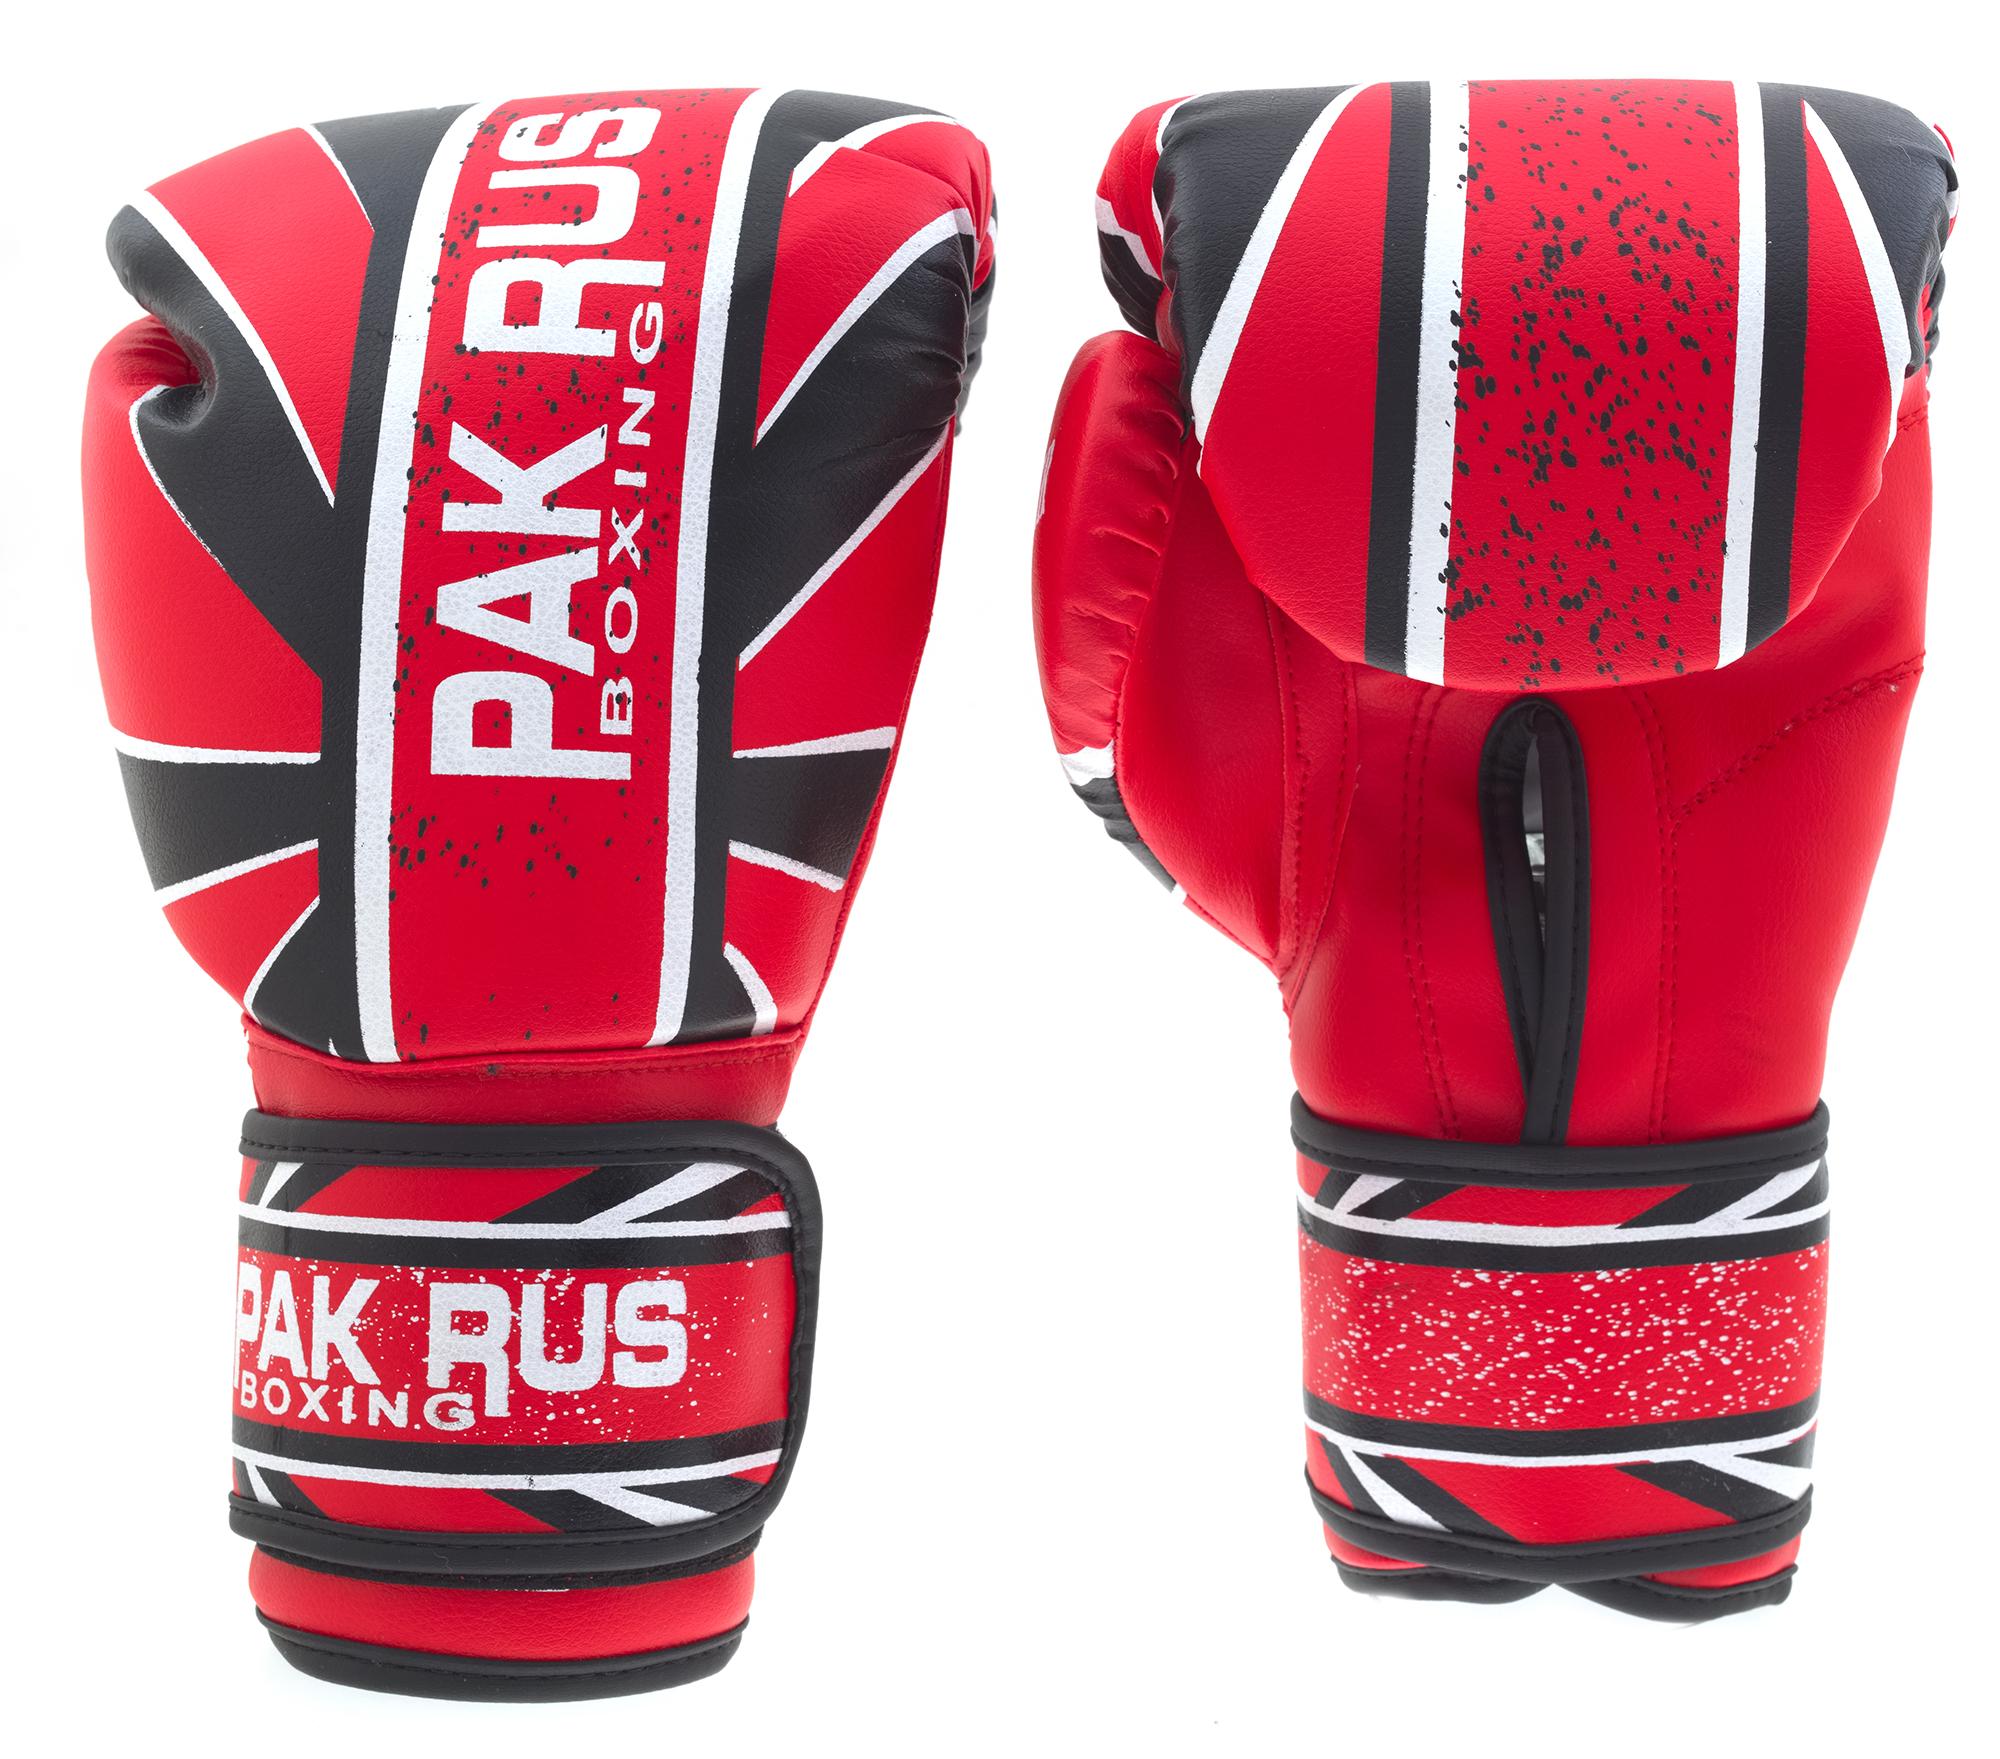 Перчатки боксерские Pak Rus, искусственная кожа Amiko, 12 OZ, PR-11-017 - артикул: 800920392